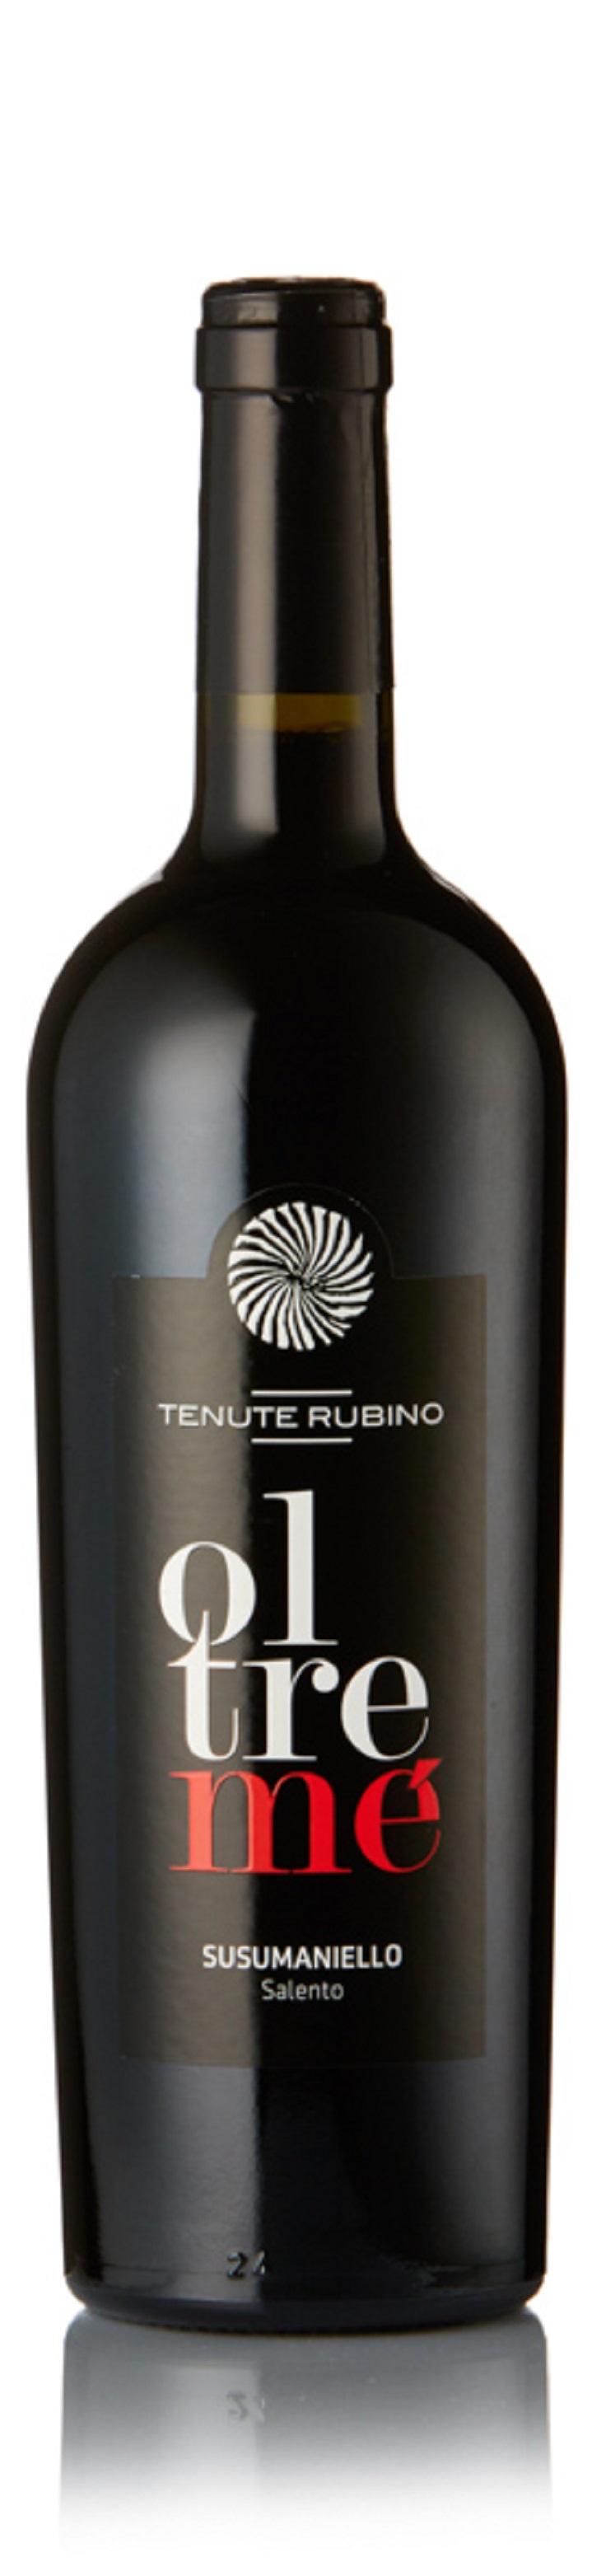 Tenute Rubino, 'Oltreme', Salento Rosso, IGT, Puglia, Italy